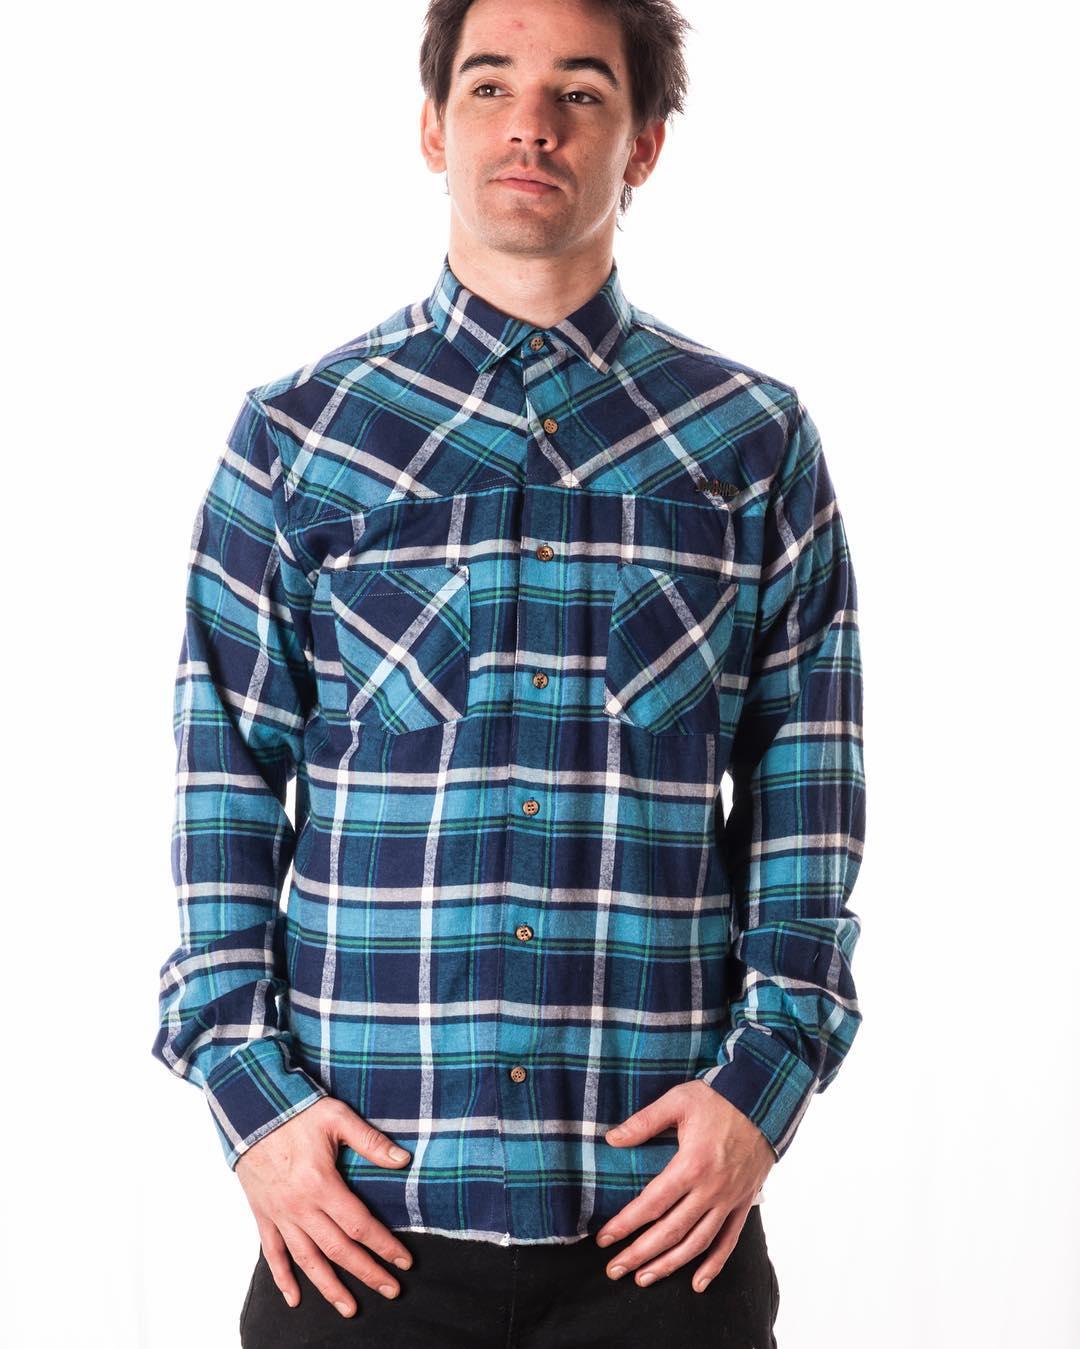 Andas buscando camisas? Ni lo dudes! Pasa por nuestros stores y elegi el modelo que más te guste!  #lifeiswow #wildonwater